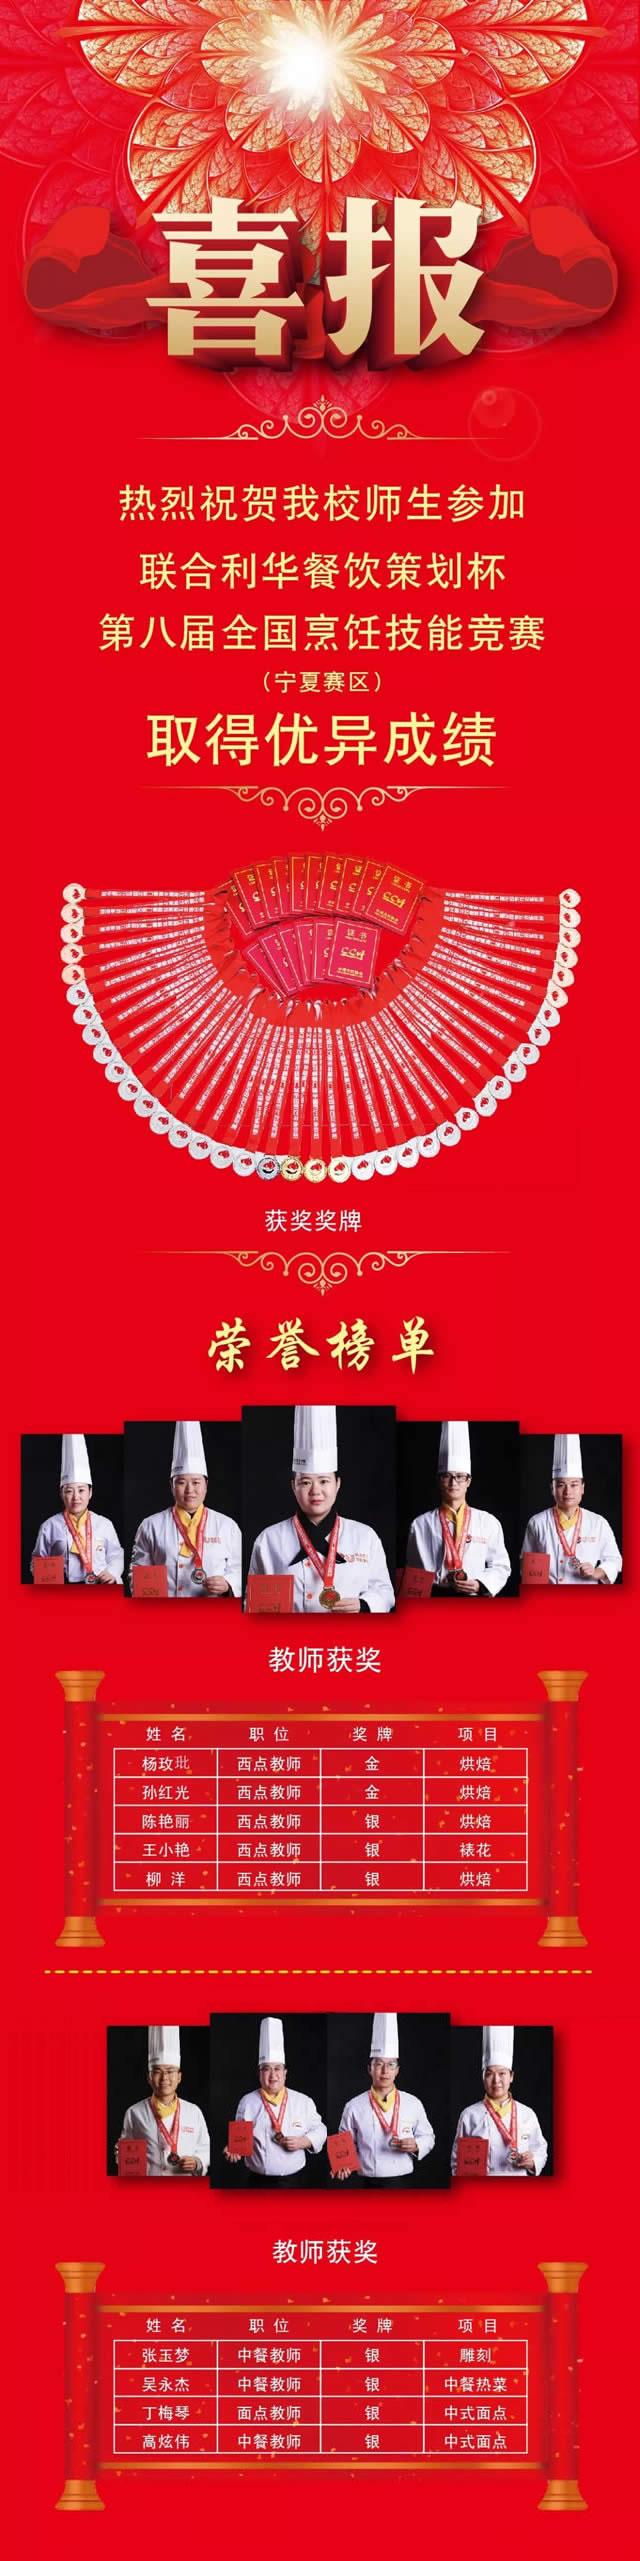 荣耀之旅|宁夏新东方师生参加第八届全国烹饪技能竞赛获奖名单新鲜出炉